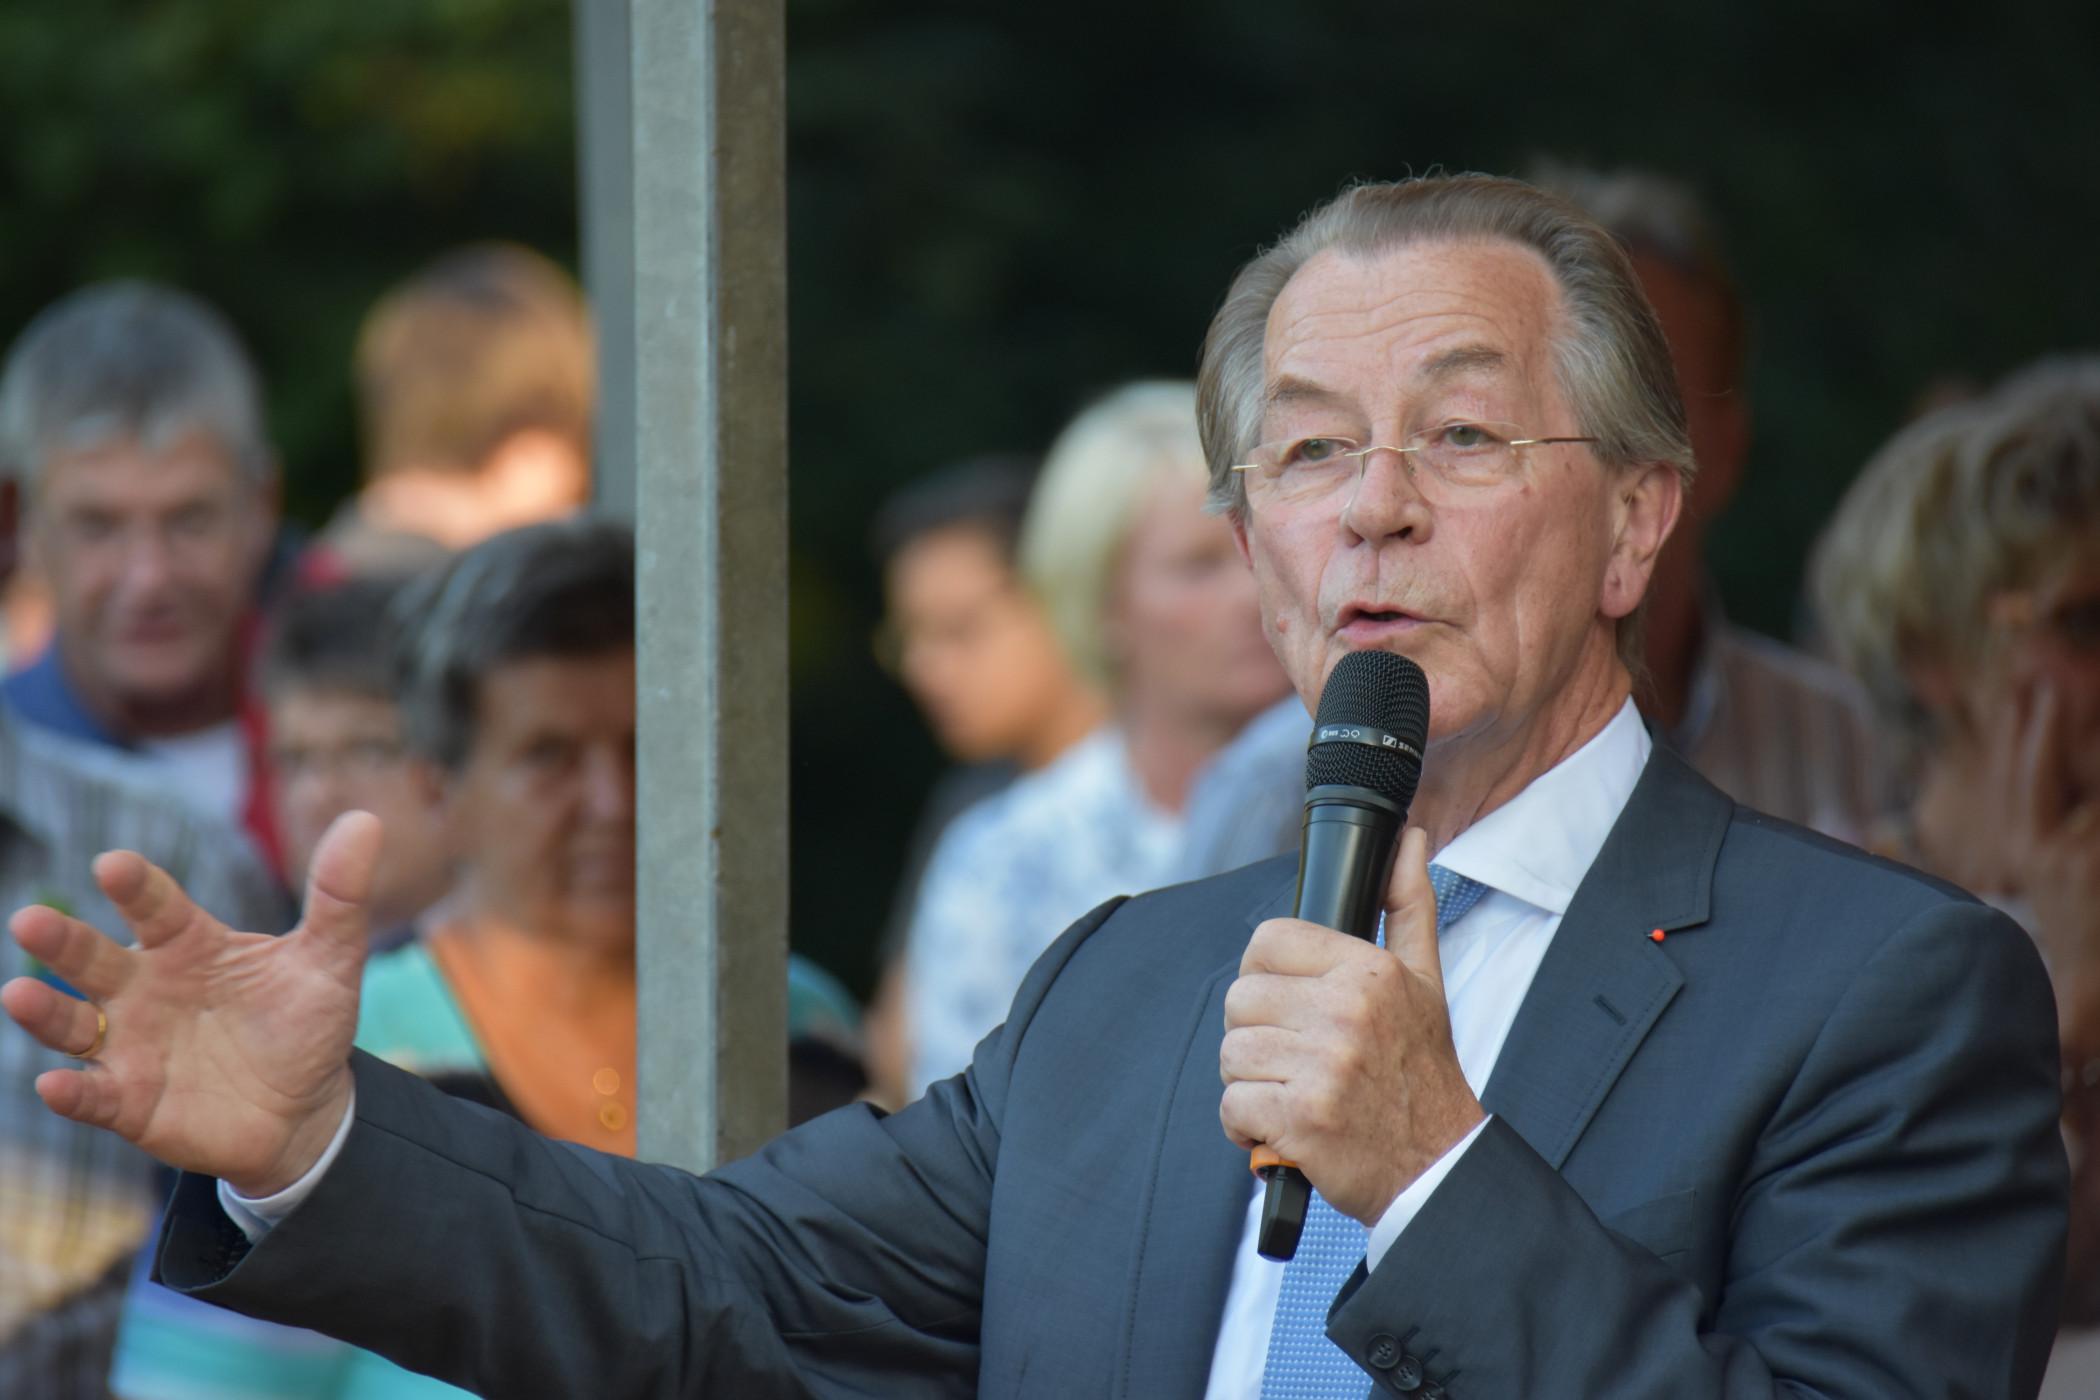 Ehemaliger Bundesvorsitzender der SPD - Franz Muentefering